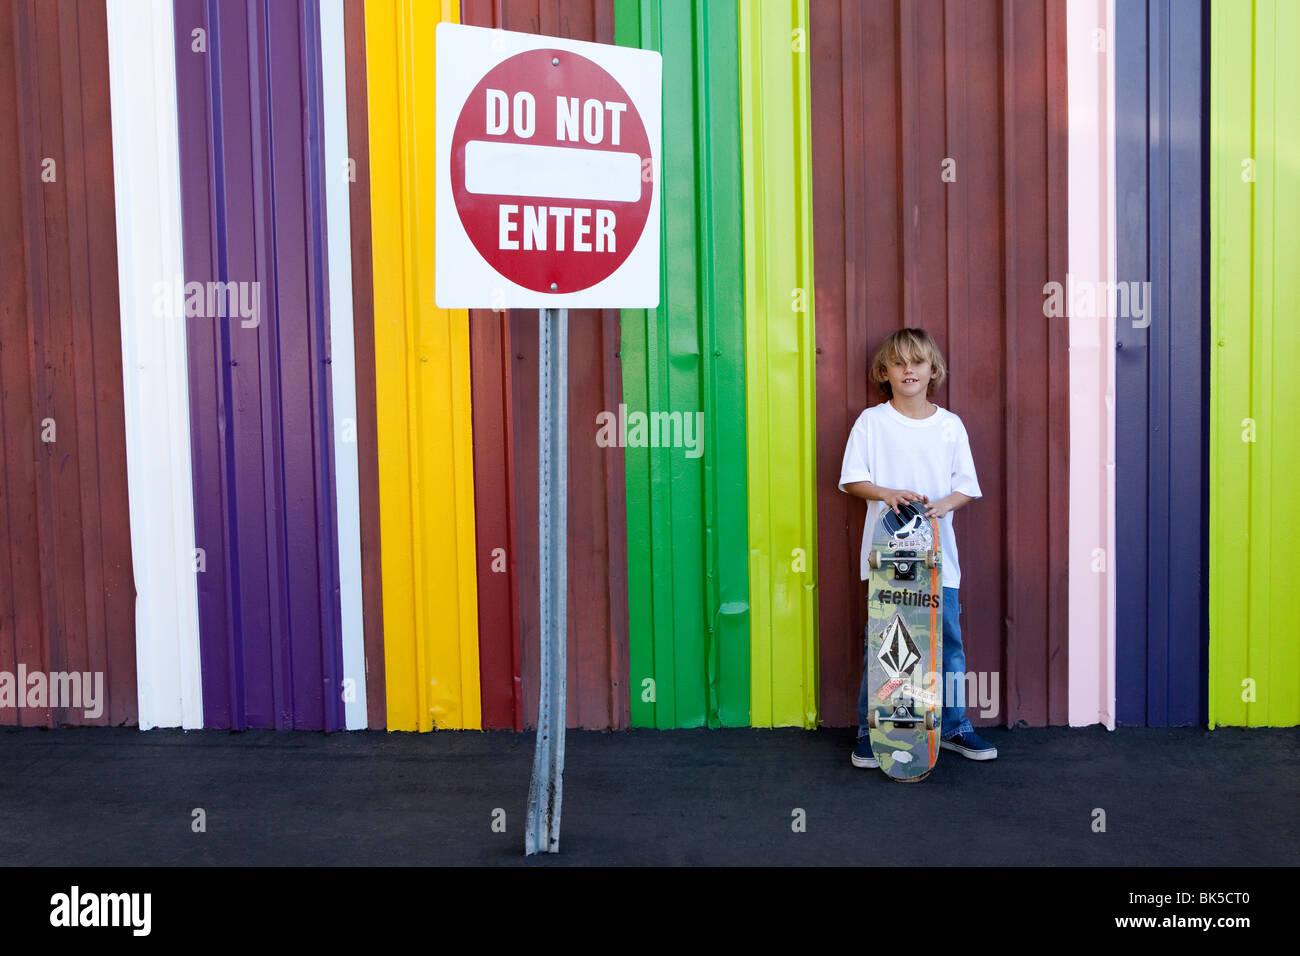 Junge mit Skateboard vor bunt gestreifte Wand Stockbild